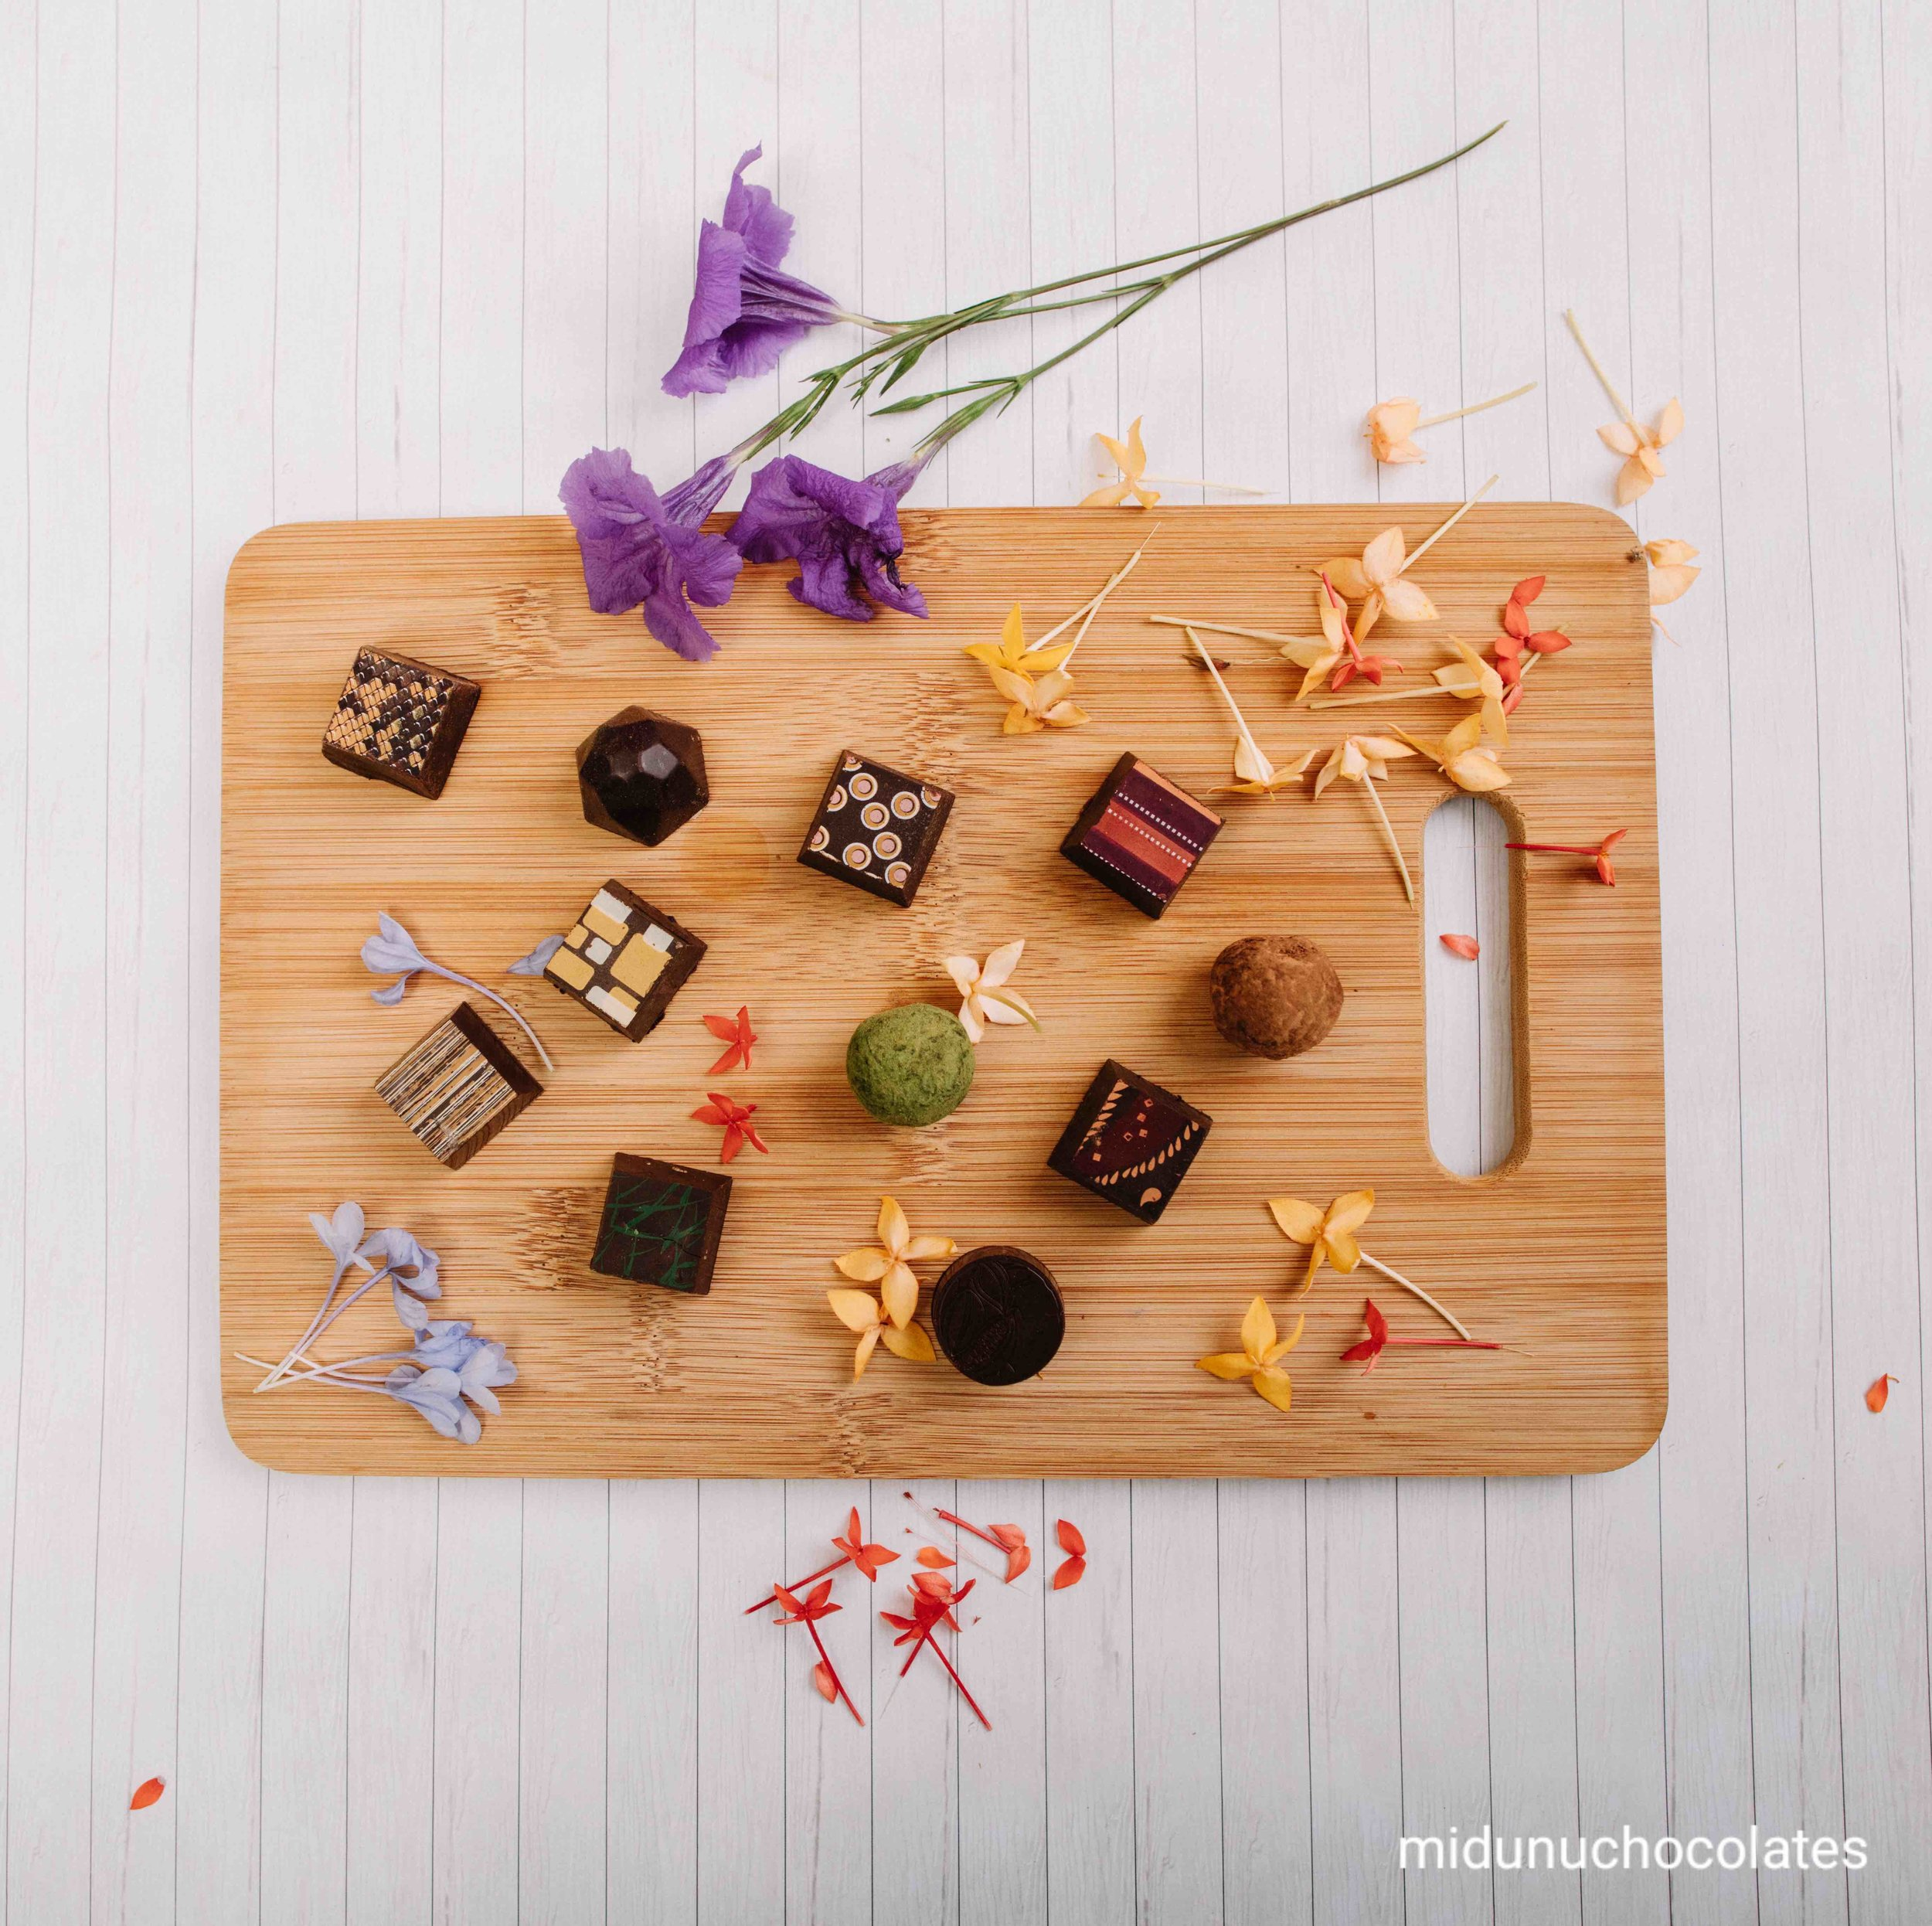 Midunu Chocolates flowers.jpg